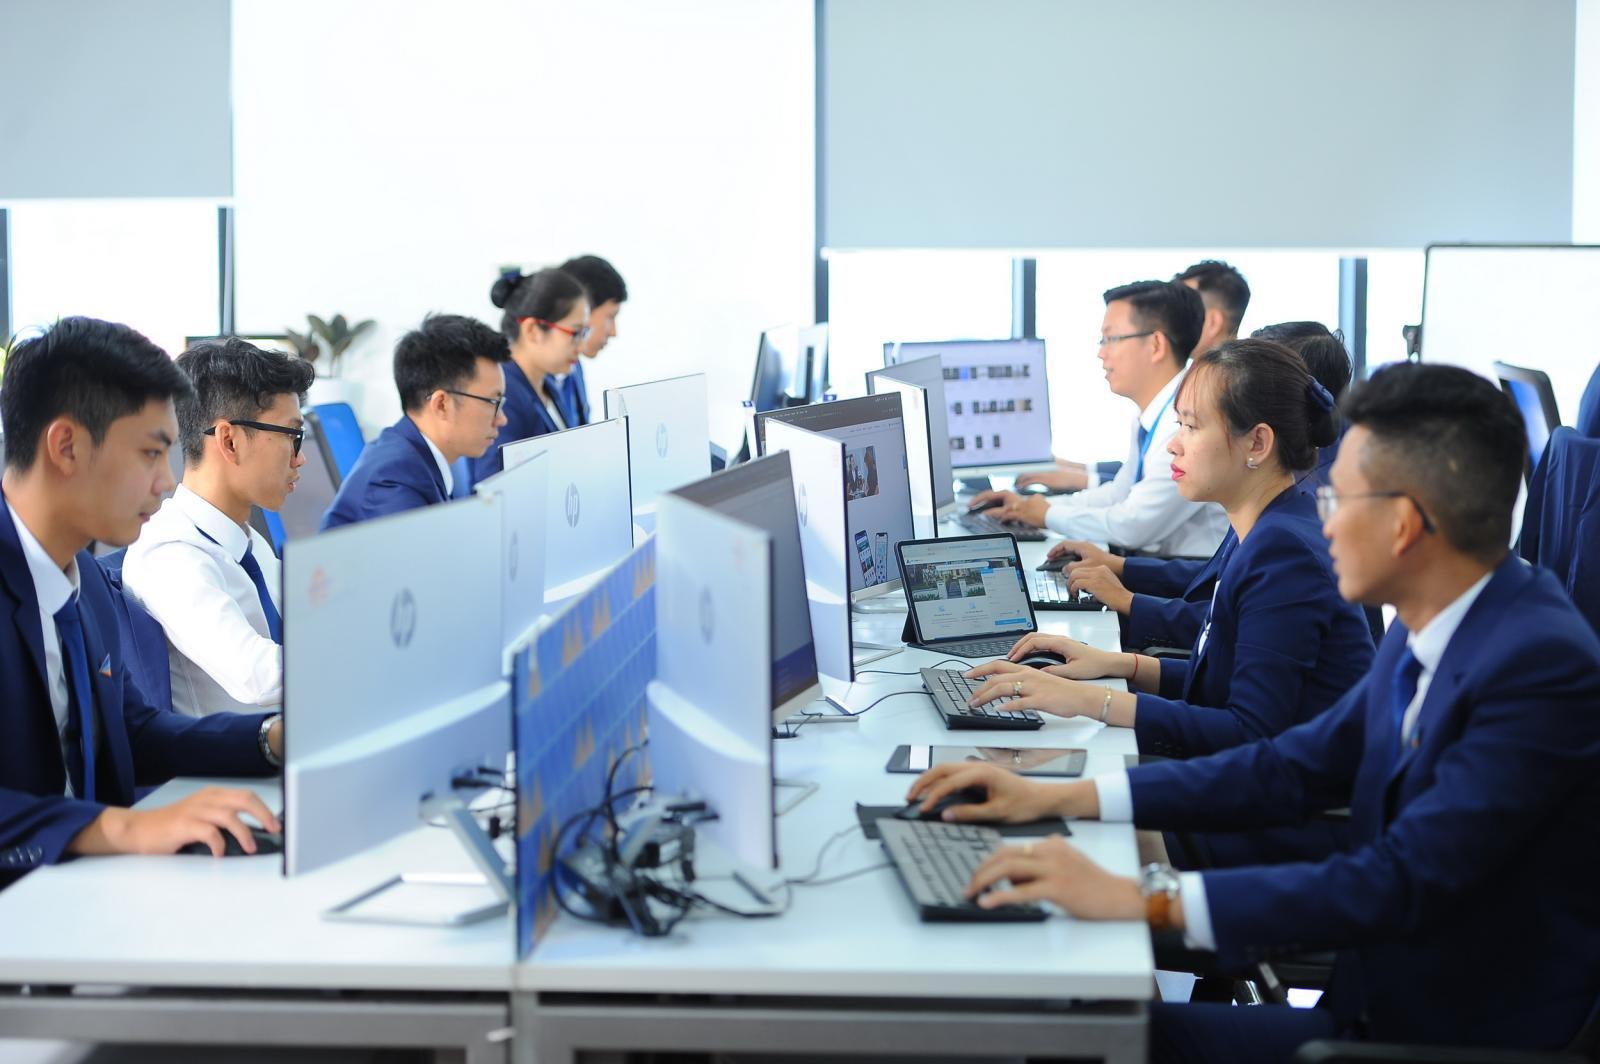 Nhiều nhân viên môi giới của Đất Xanh mặc vest ngồi làm việc bên máy tính.